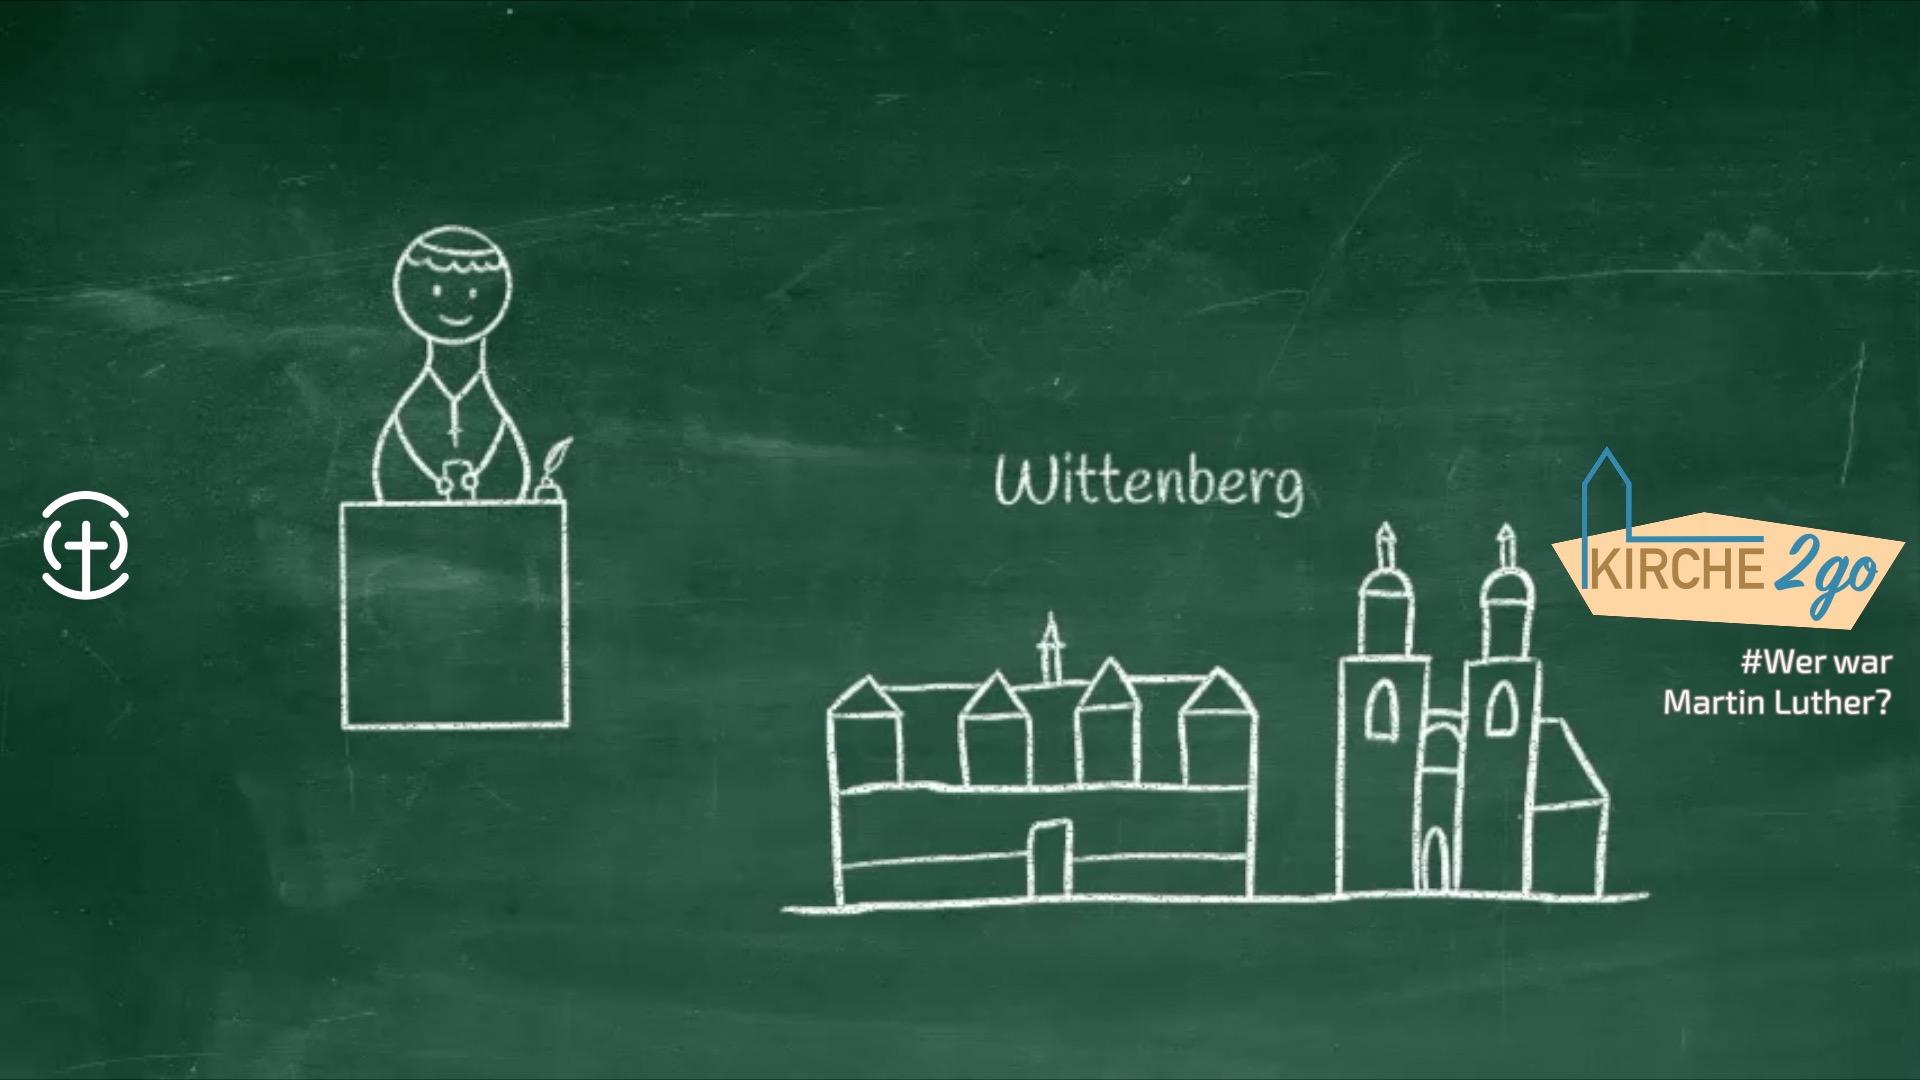 Kirche2go fragt: Wer war Martin Luther?